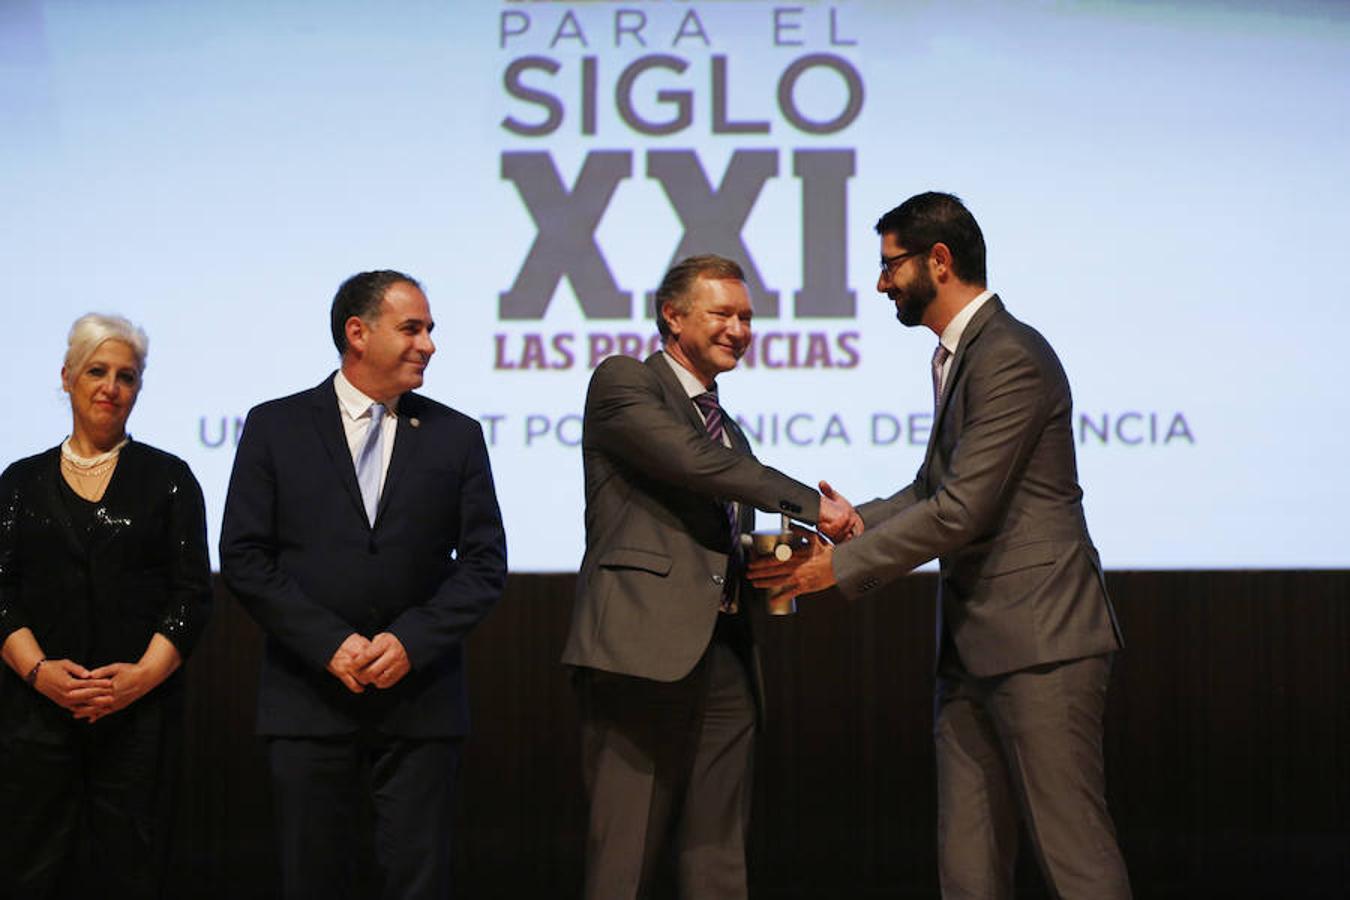 Así fue la entrega de premios en la gala Valencianos para el Siglo XXI